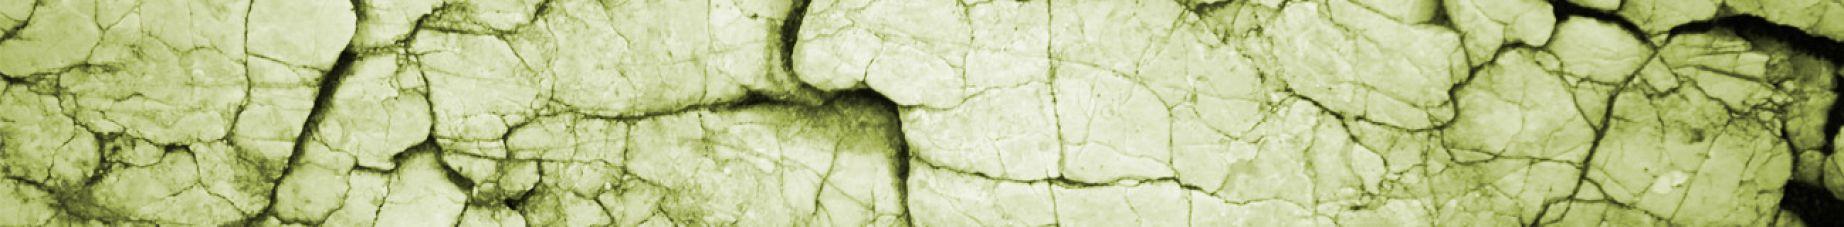 Rock formation light green